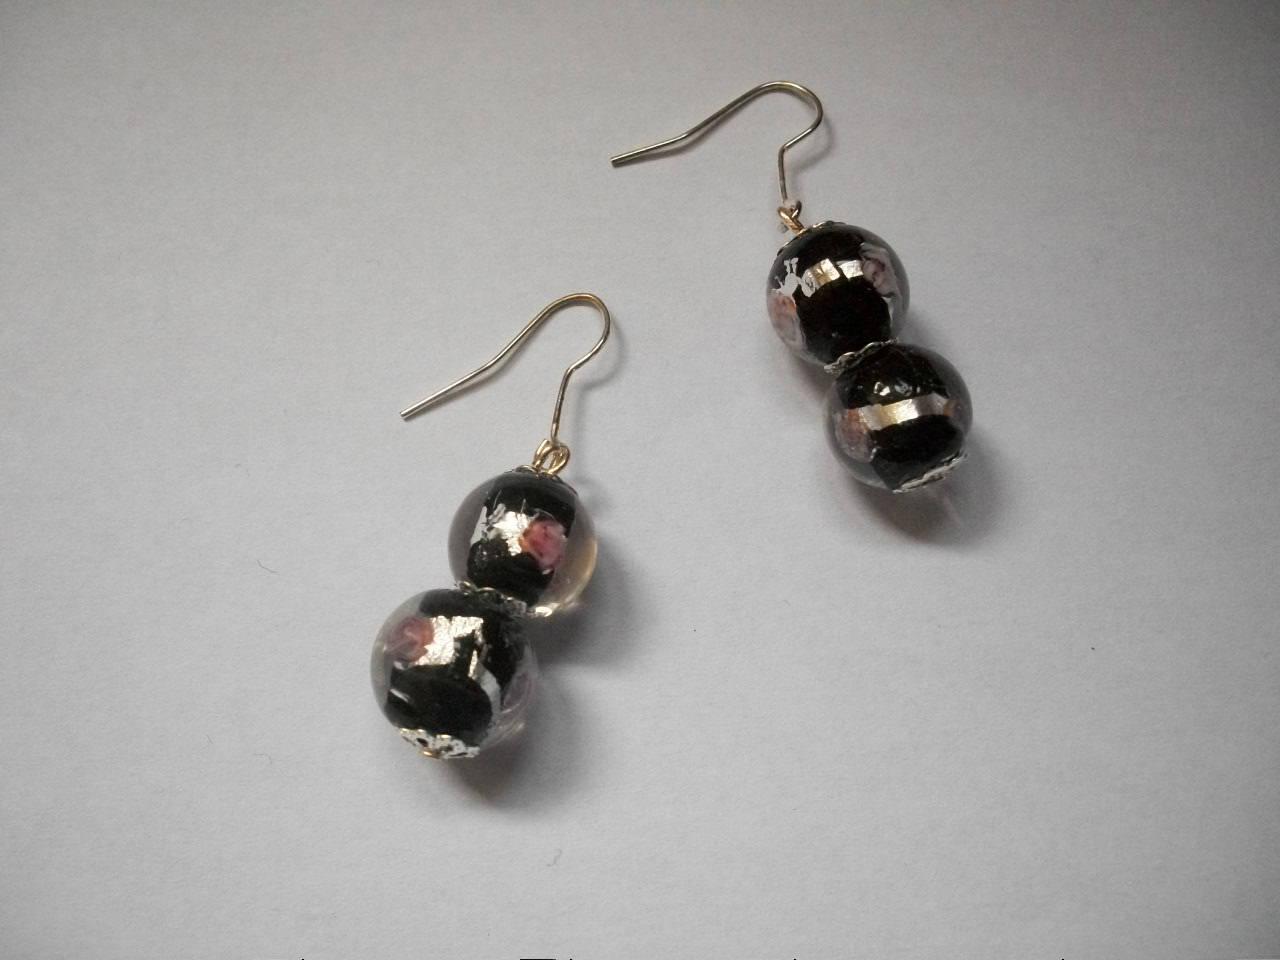 Boucles d'oreilles en perles de murano noir et argenté